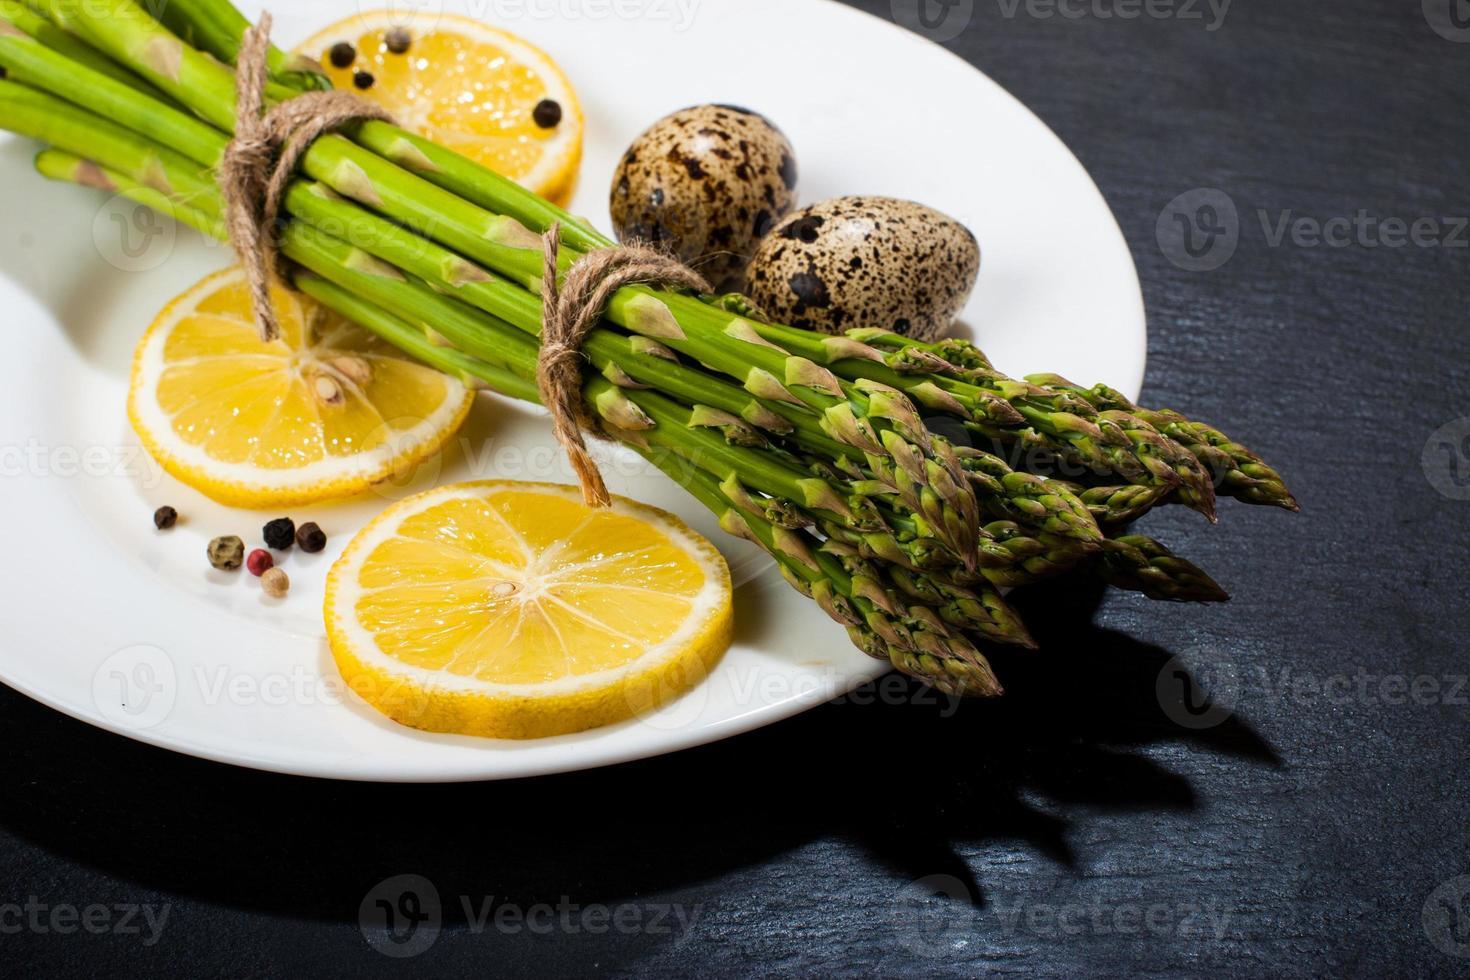 espargos em uma superfície escura. fundo de comida foto